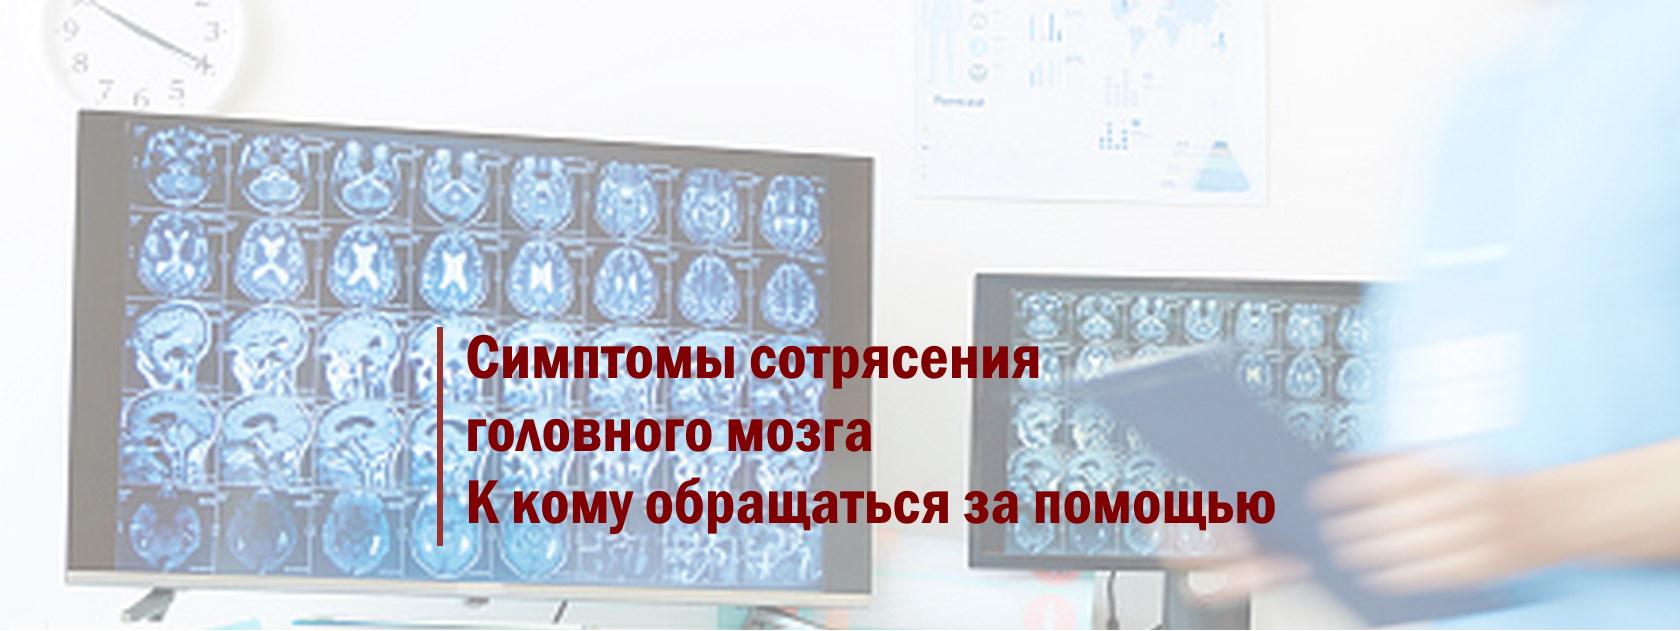 Помощь ММС при сотрясении головного мозга